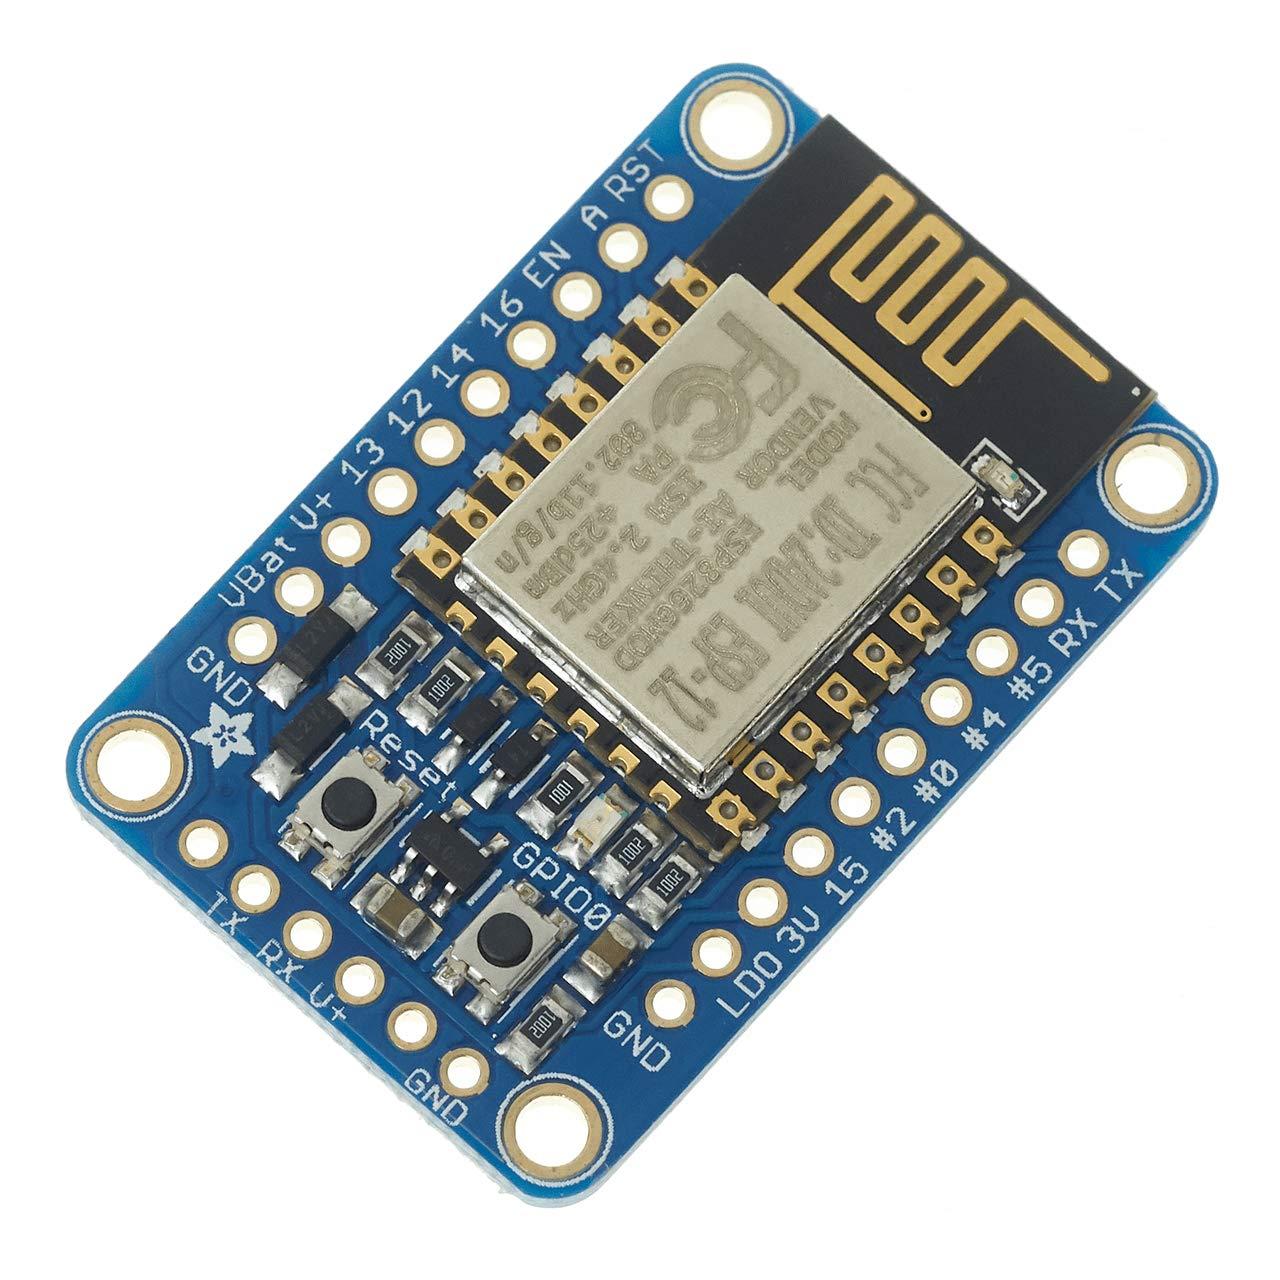 Adafruit WiFi / 802.11 Development Tools Huzzah ESP8266 Brea